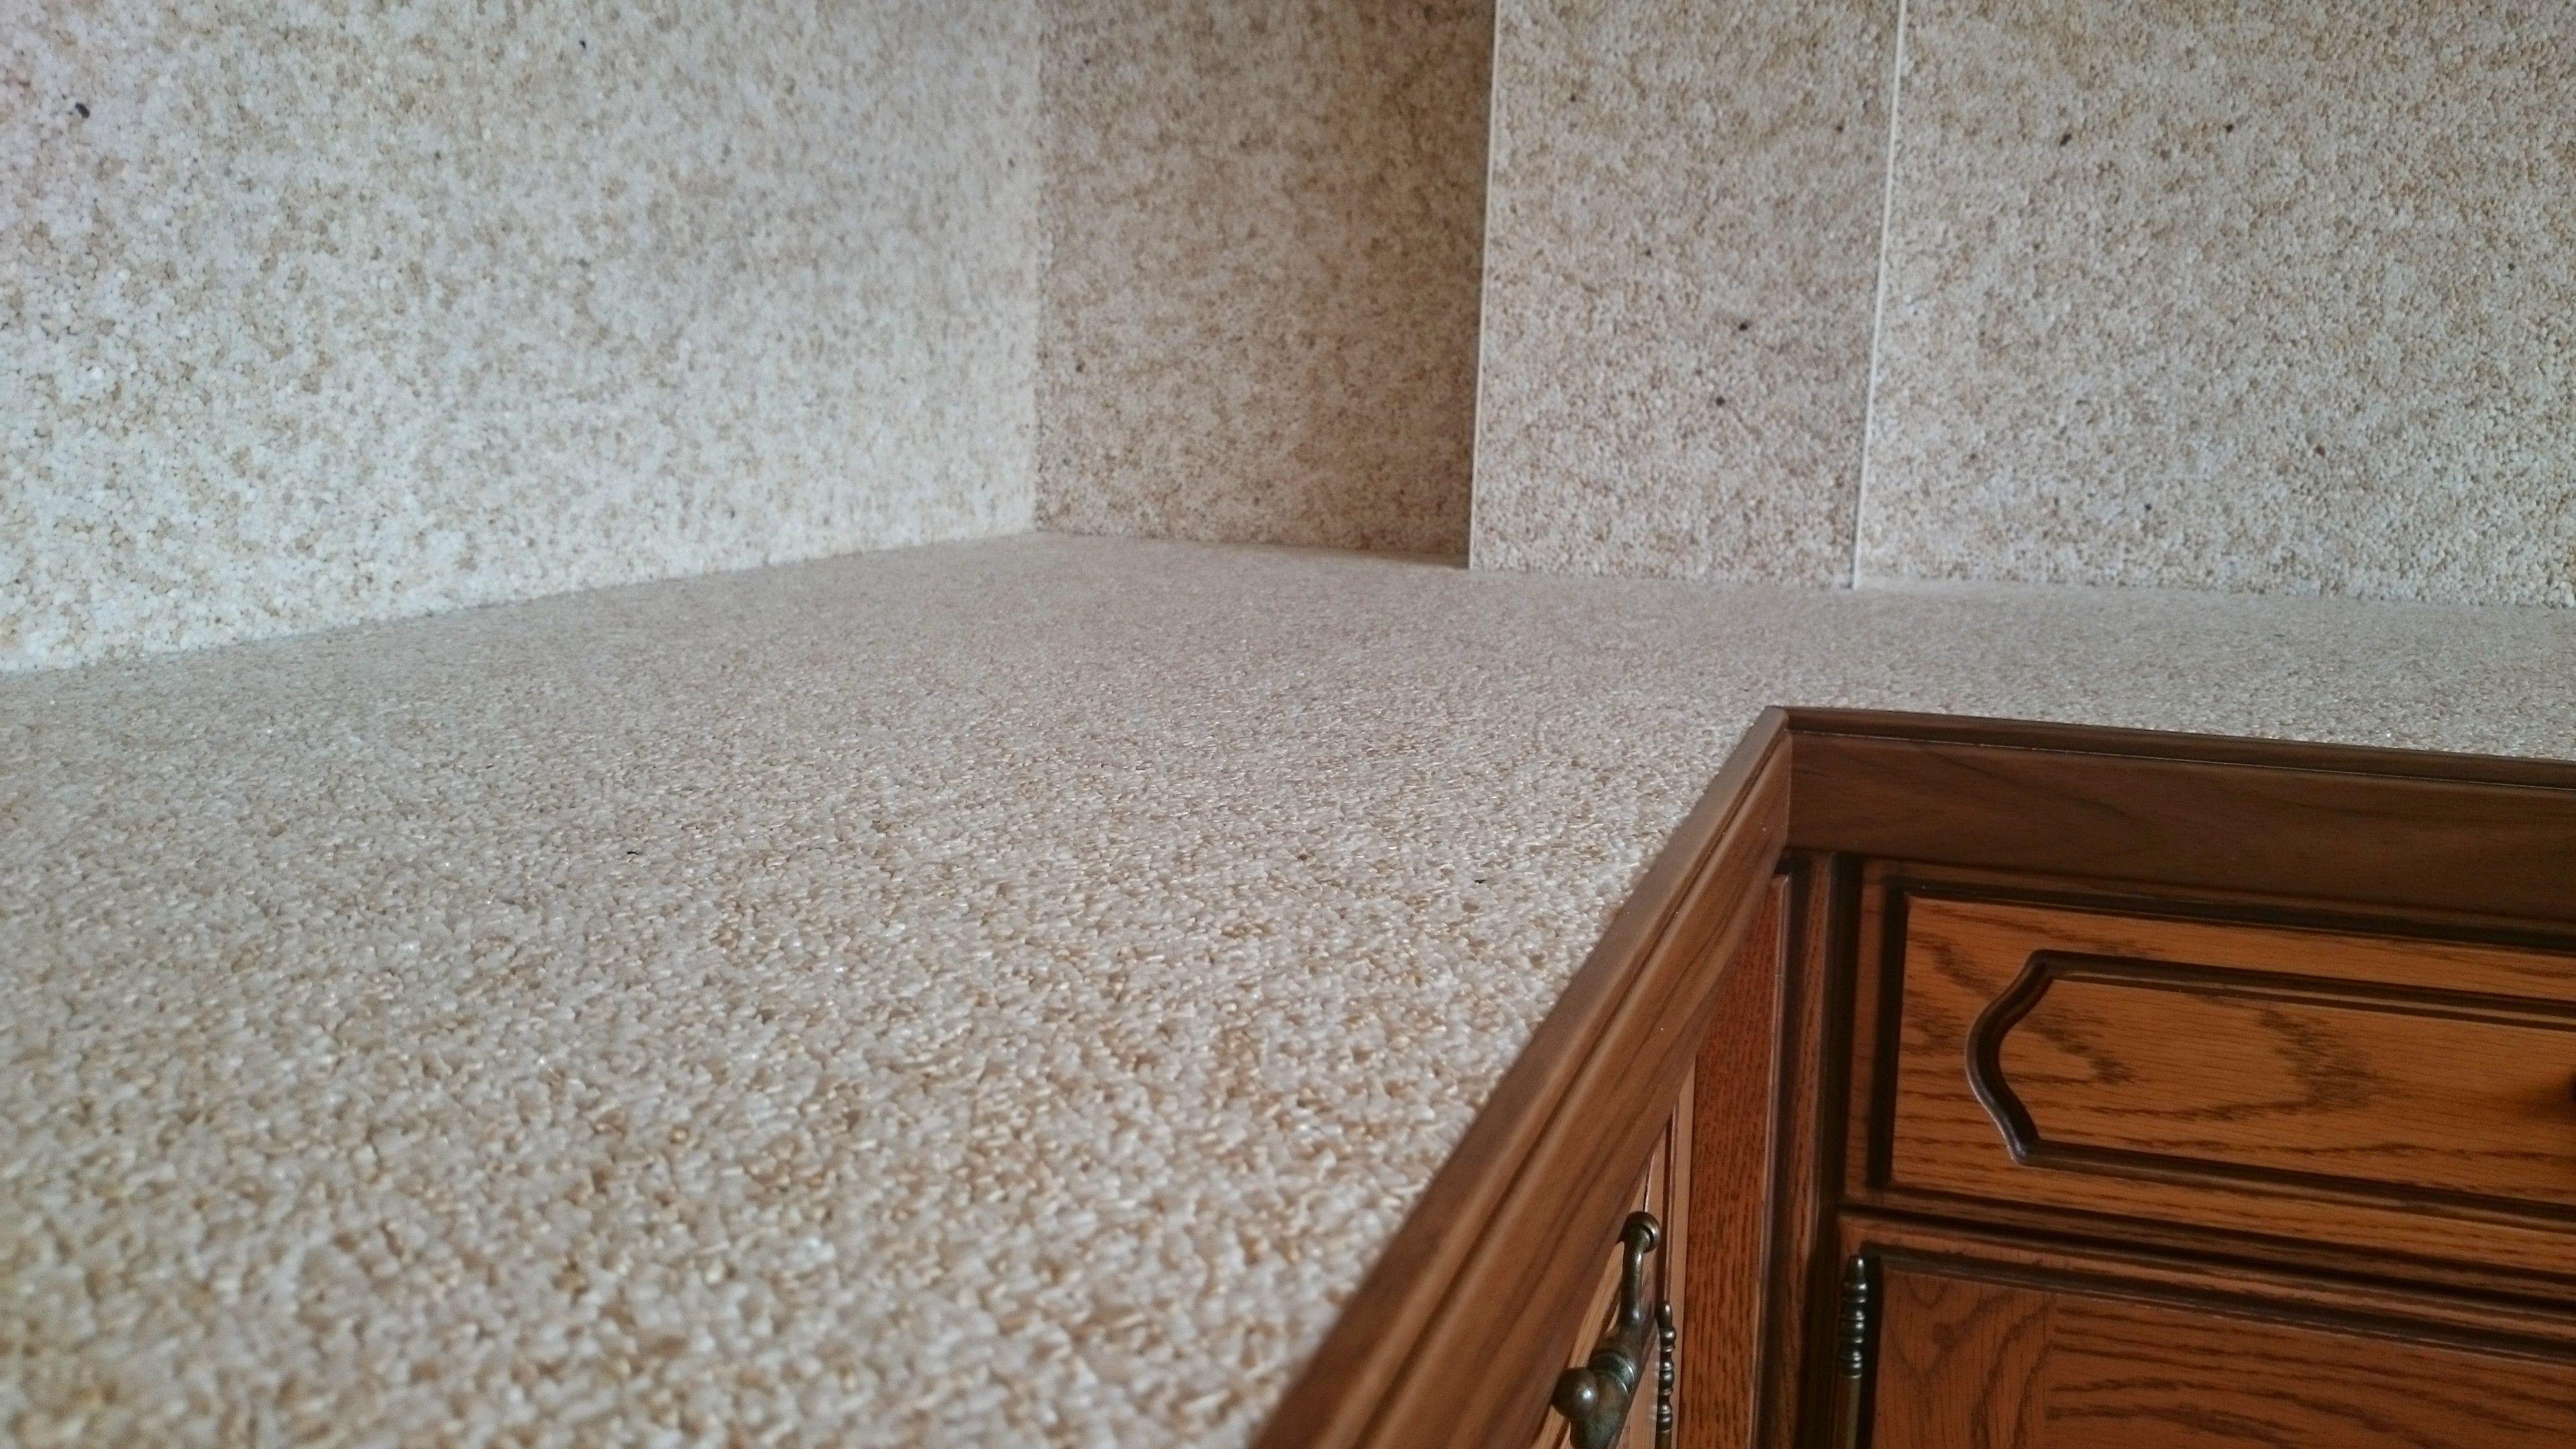 Kuchen Arbeitsplatten Sanierung Mit Marmorkies Steinteppich Und Unserem Arbeitsplatten Sonderprofil Meyer Spanndecken Beschich Marmorkies Spanndecken Teppich